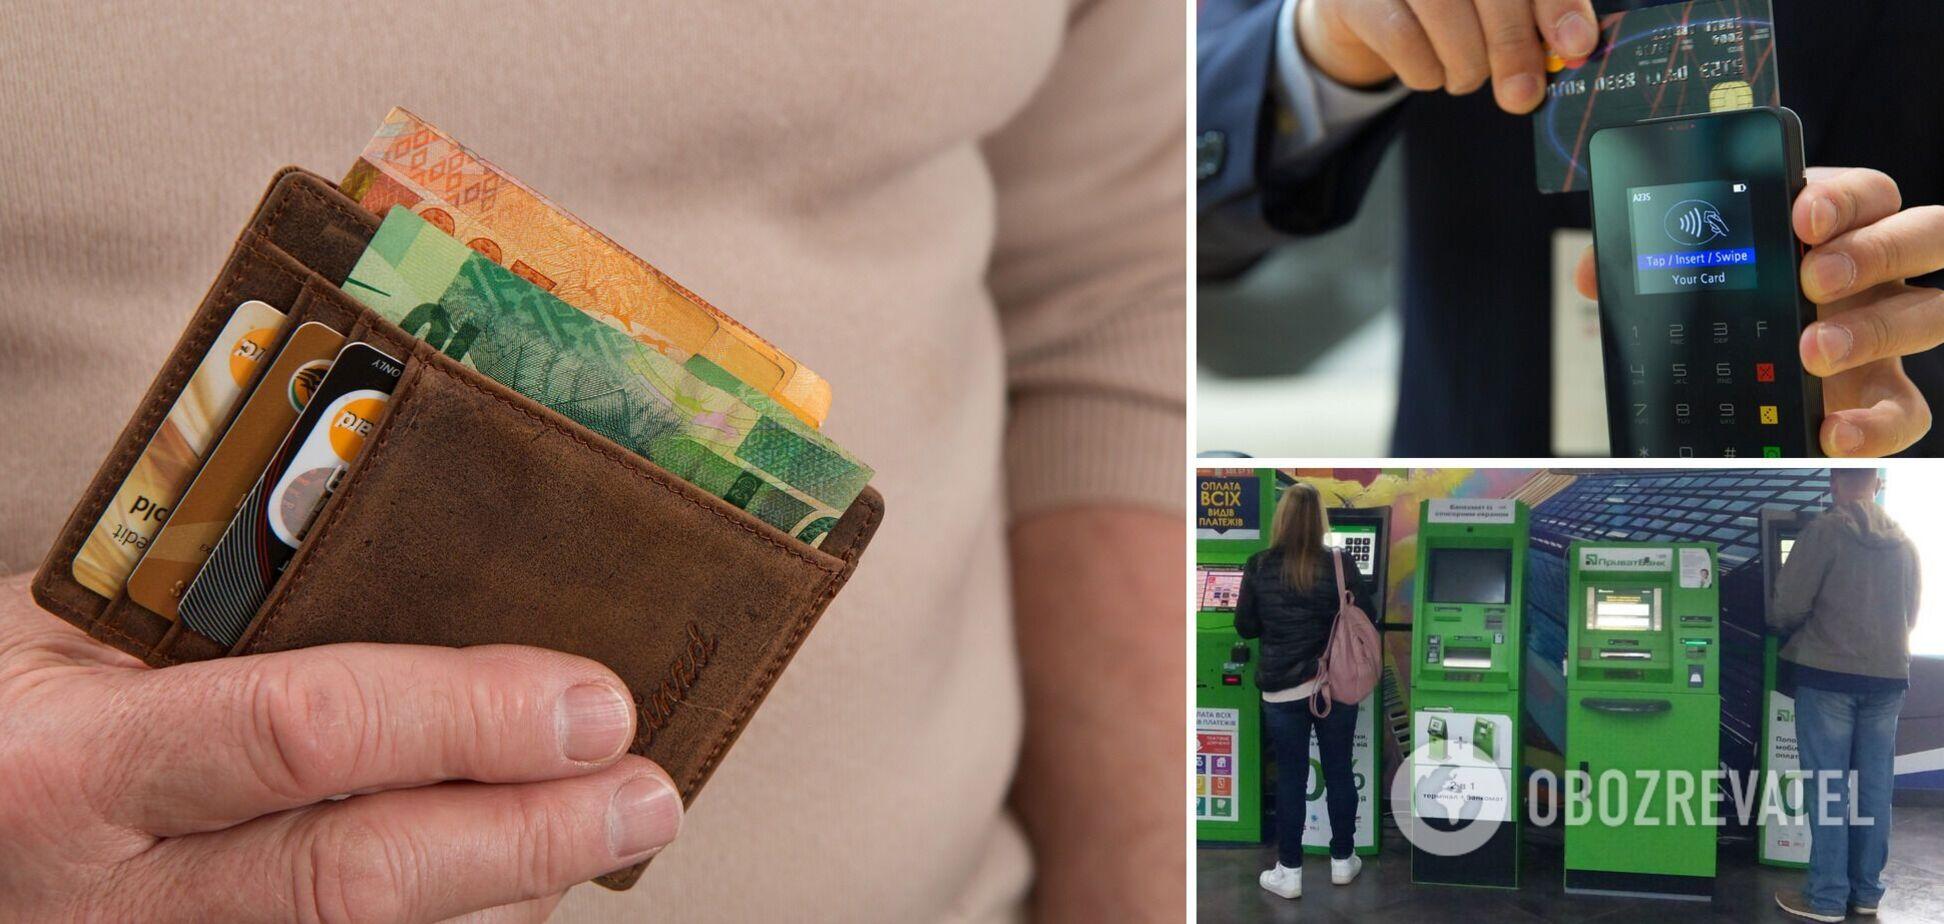 Украинцы могут потерять деньги из-за старых банковских карт